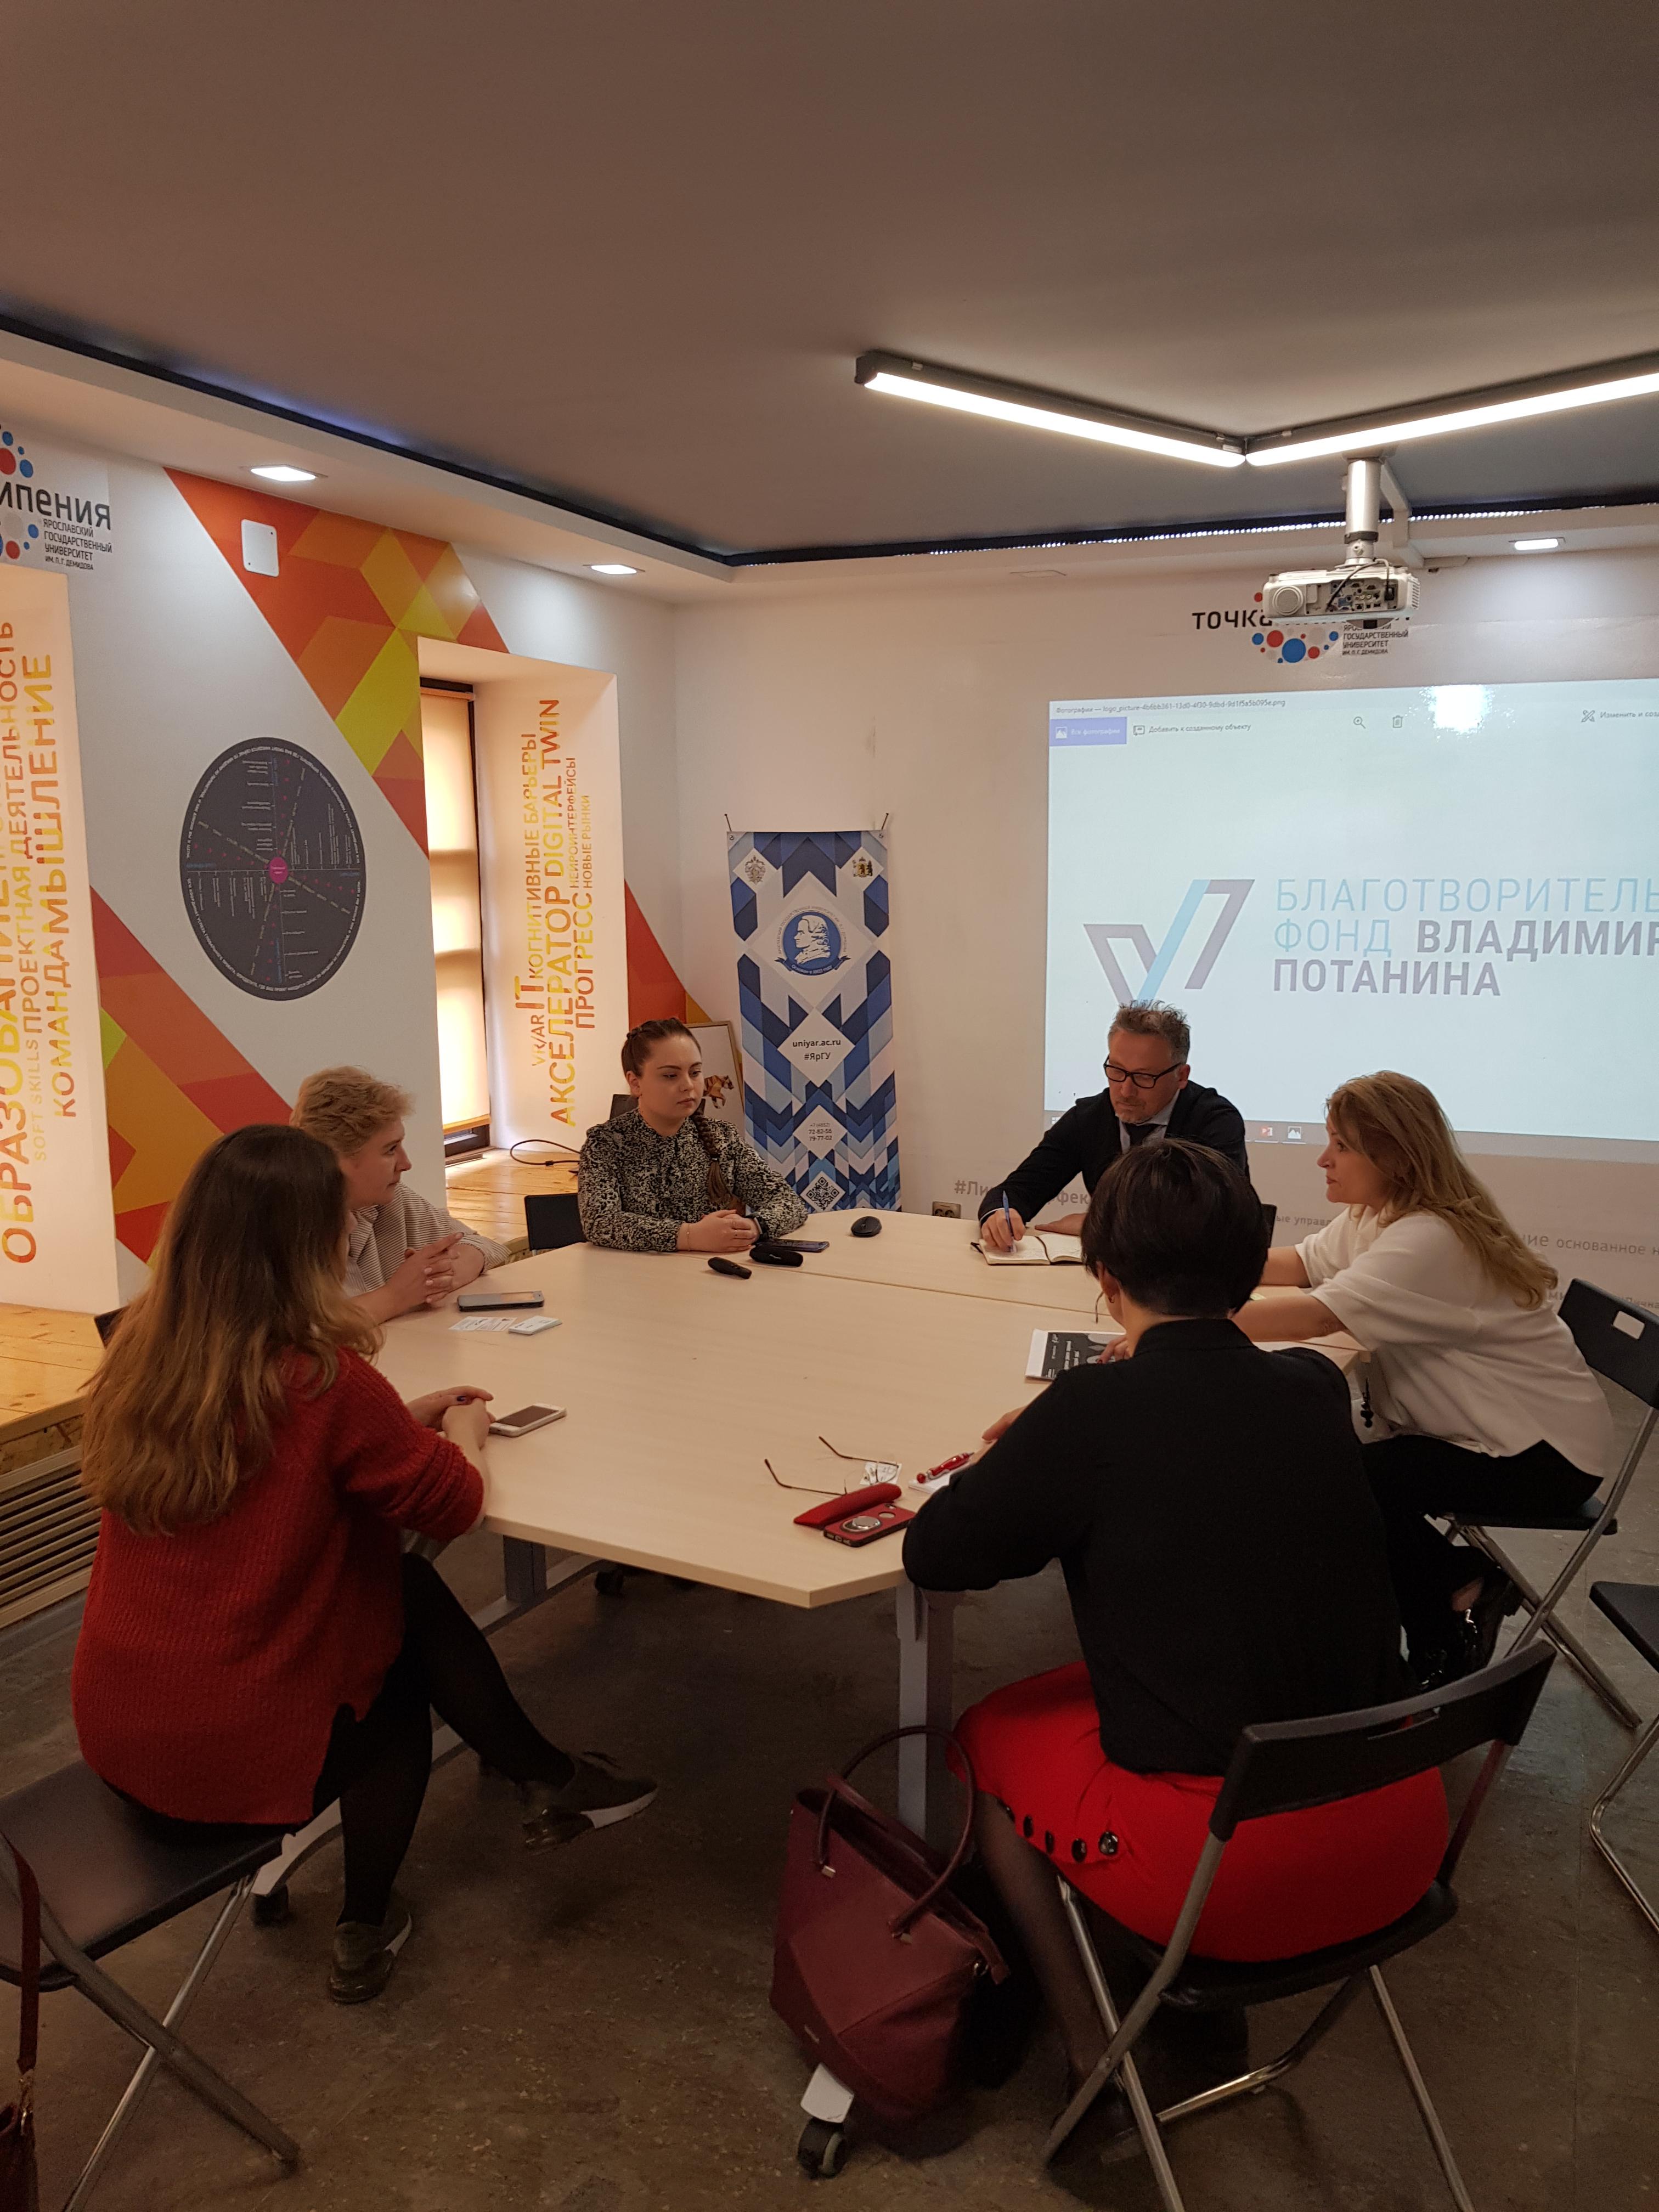 Встреча с руководством Благотворительного фонда Владимира Потанина